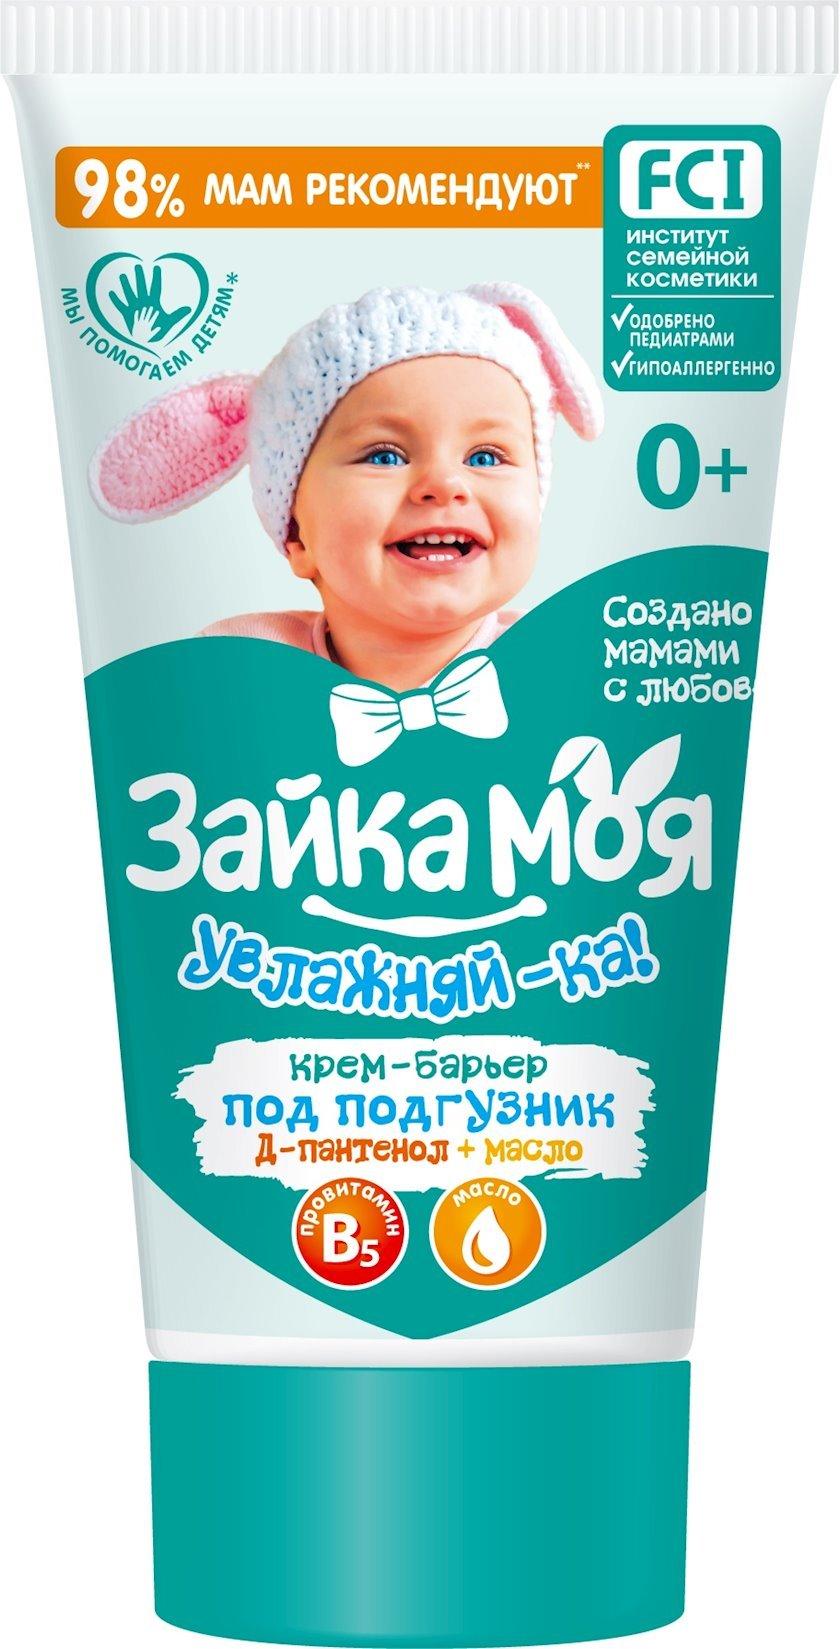 Bezaltı nəmləndirici uşaq kremi Зайка Моя Увлажняй-ка! 150 ml